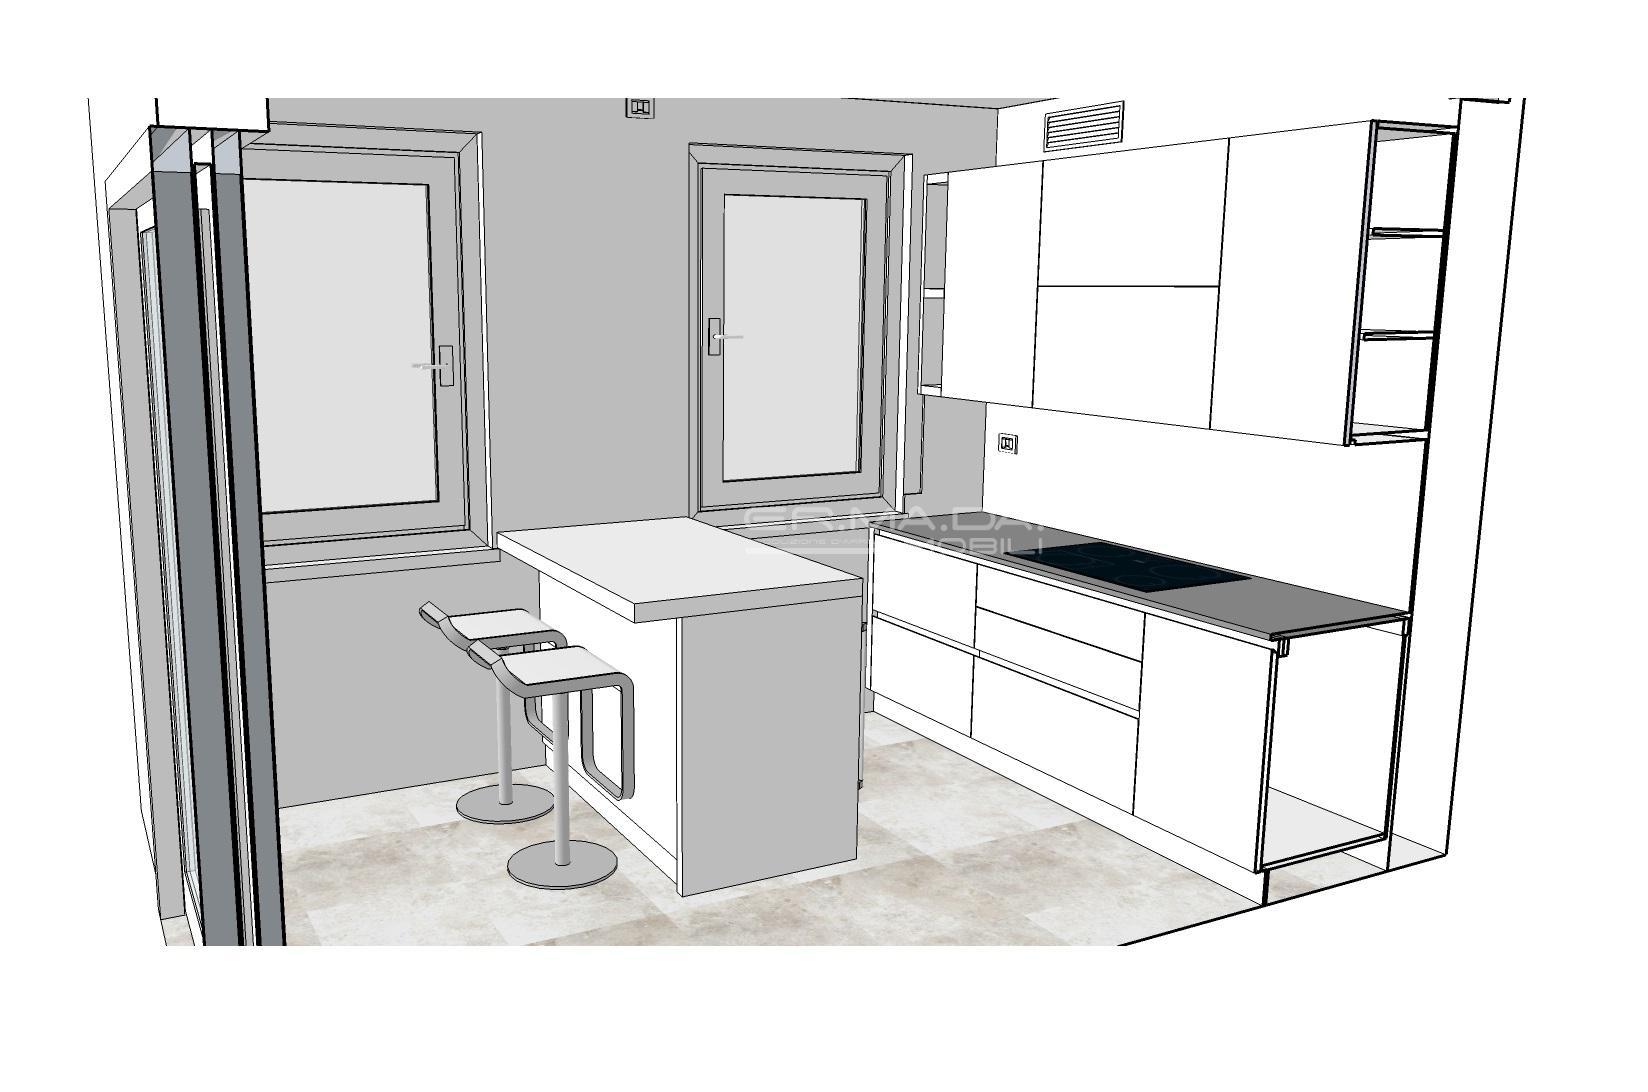 Cucina 13 er ma da mobilificio progetta e for Progetta i tuoi mobili